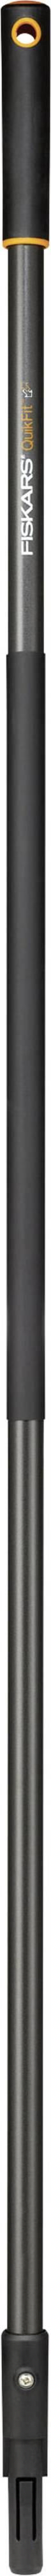 Manche en graphite QuikFit™ 1000661 145 cm